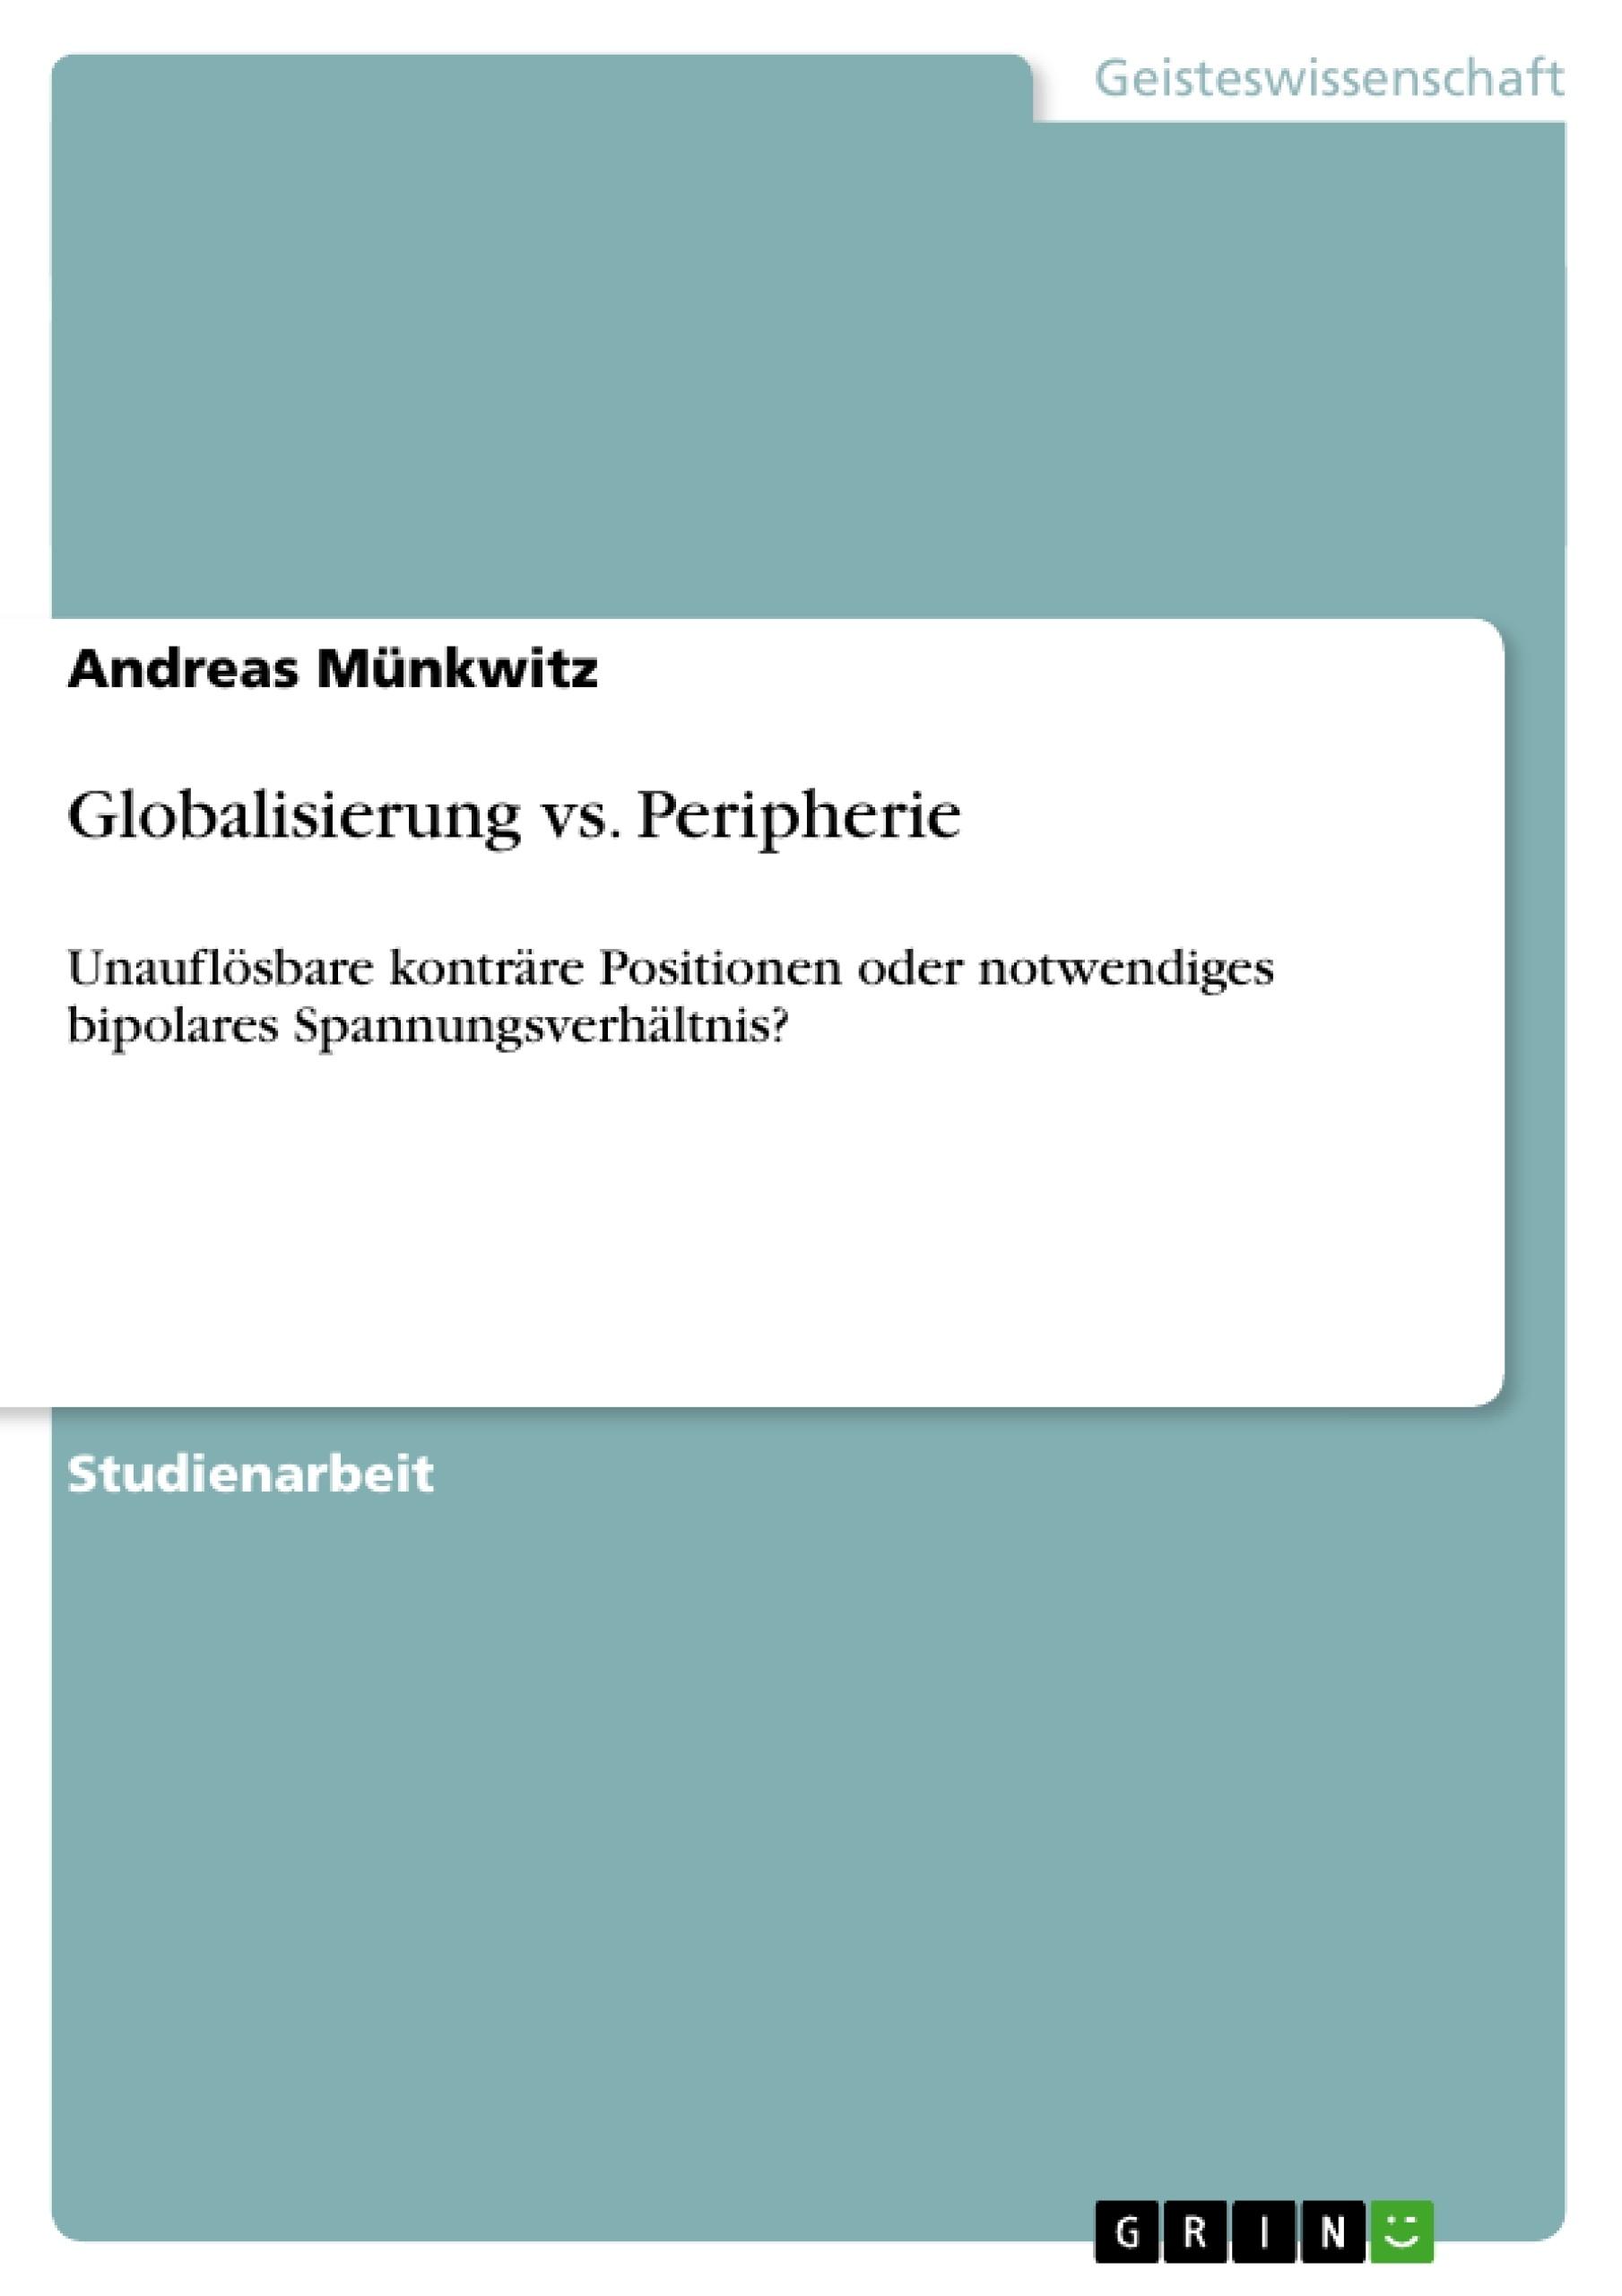 Titel: Globalisierung vs. Peripherie